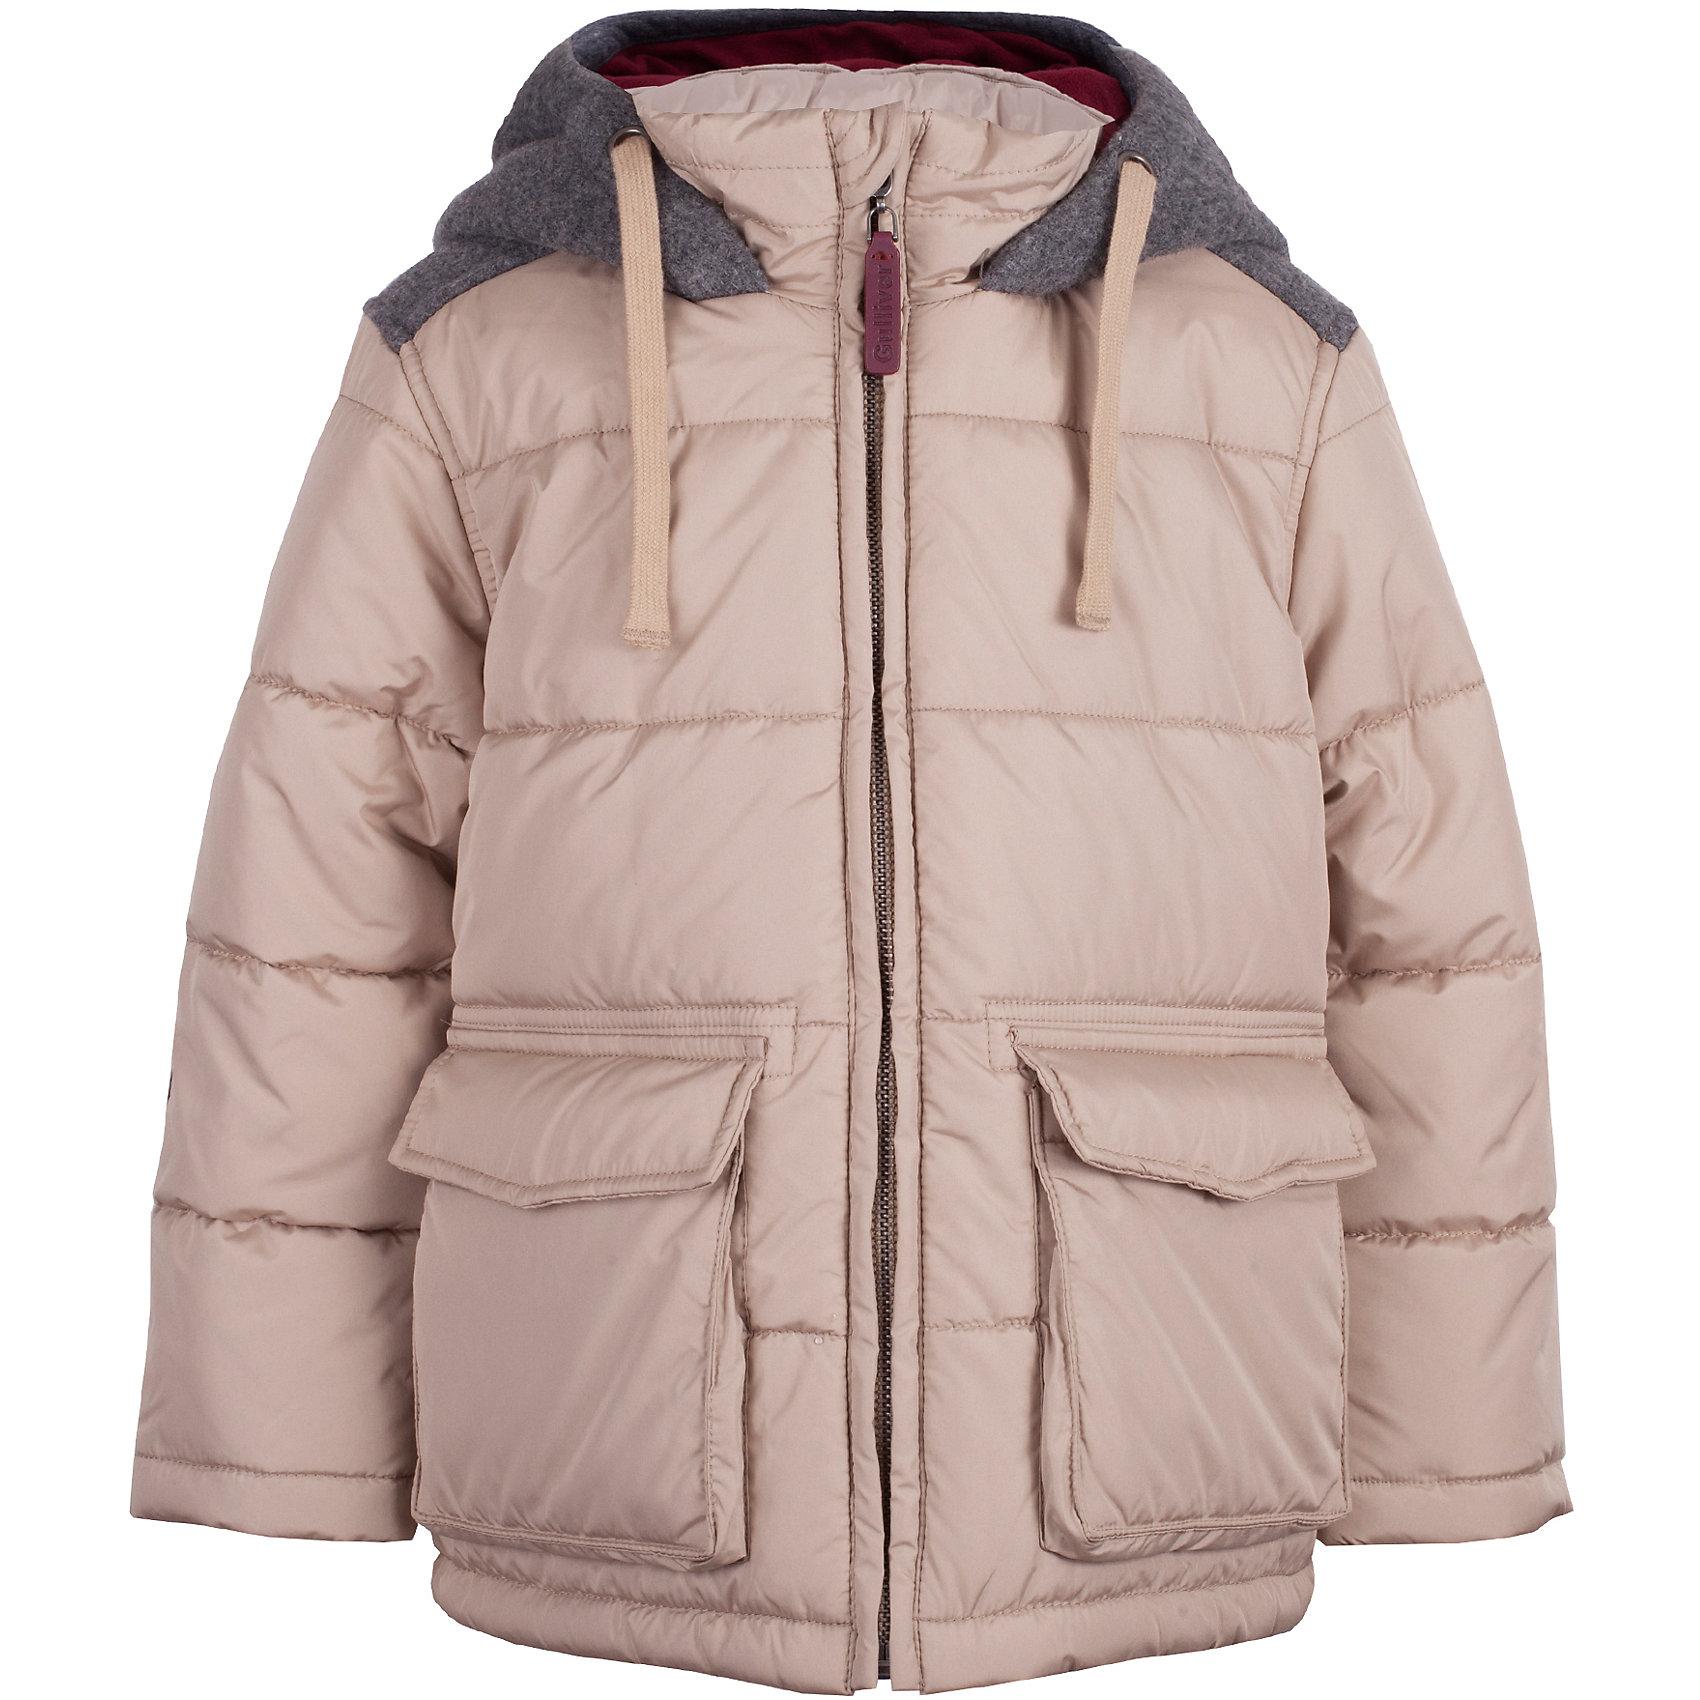 Куртка Gulliver для мальчикаВерхняя одежда<br>Куртка Gulliver для мальчика<br>Какими должны быть куртки для мальчиков? Модными или практичными, красивыми или функциональными? Отправляясь на осенний шопинг, мамы мальчиков должны ответить на эти непростые вопросы. Куртка из коллекции Воздушная регата упрощает задачу, потому что сочетает в себе все лучшие характеристики детских курток для мальчиков. Модная форма, комфортная длина, комбинация фактур, множество интересных функциональных и декоративных деталей делают куртку яркой и привлекательной. Эта куртка с контрастной отделкой подарит своему обладателю прекрасный внешний вид, удобство и индивидуальность. Если вы решили купить модную детскую куртку, эта модель - достойный выбор!<br>Состав:<br>верх:  100% полиэстер; подкладка: 100% полиэстер; утеплитель: 100% полиэстер<br><br>Ширина мм: 356<br>Глубина мм: 10<br>Высота мм: 245<br>Вес г: 519<br>Цвет: бежевый<br>Возраст от месяцев: 60<br>Возраст до месяцев: 72<br>Пол: Мужской<br>Возраст: Детский<br>Размер: 116,98,104,110<br>SKU: 7078613